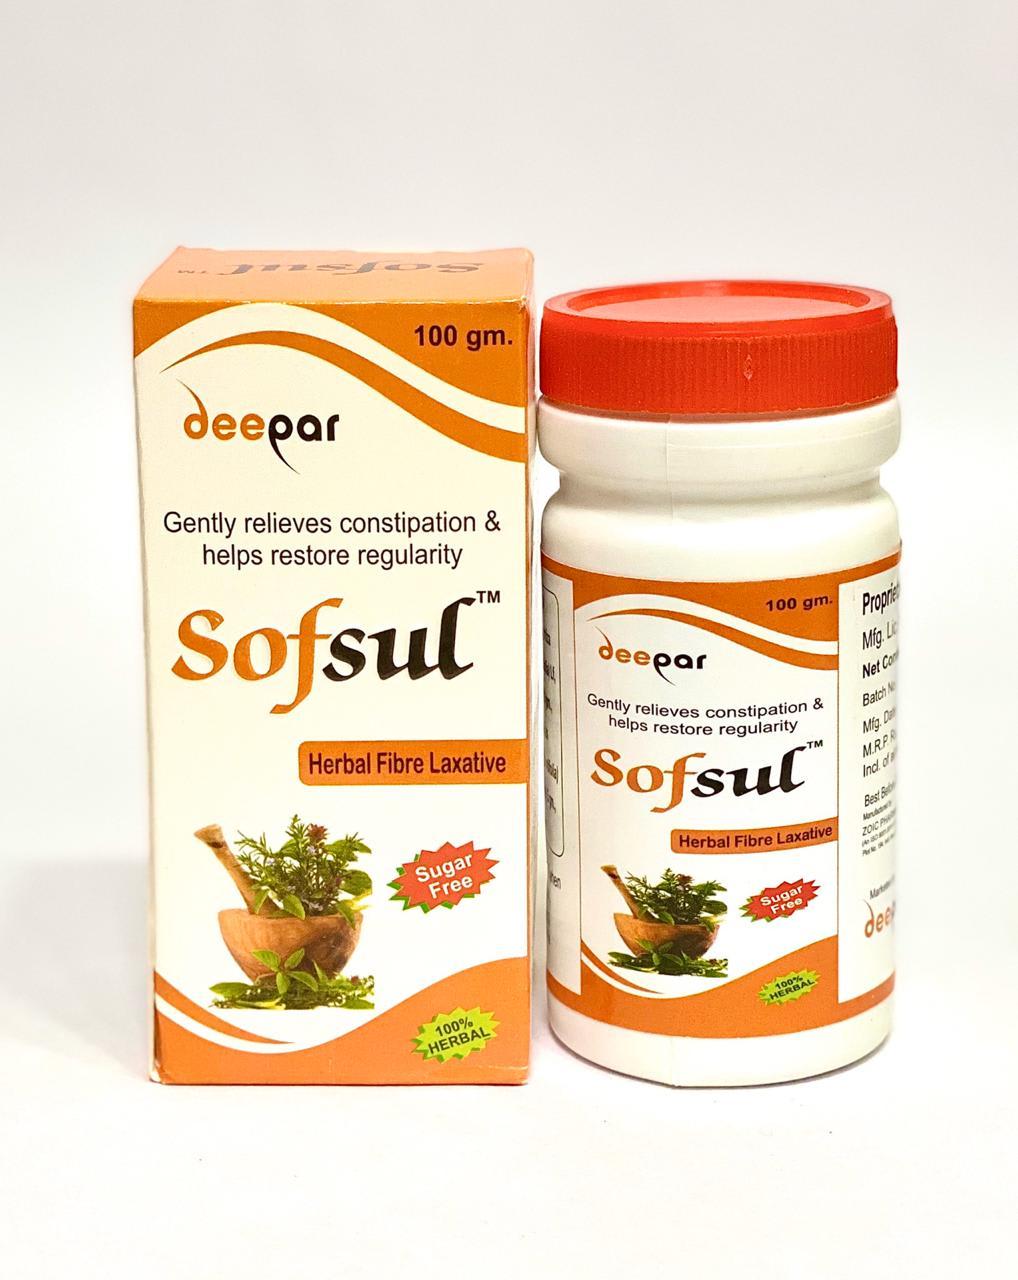 SOFSUL Powder